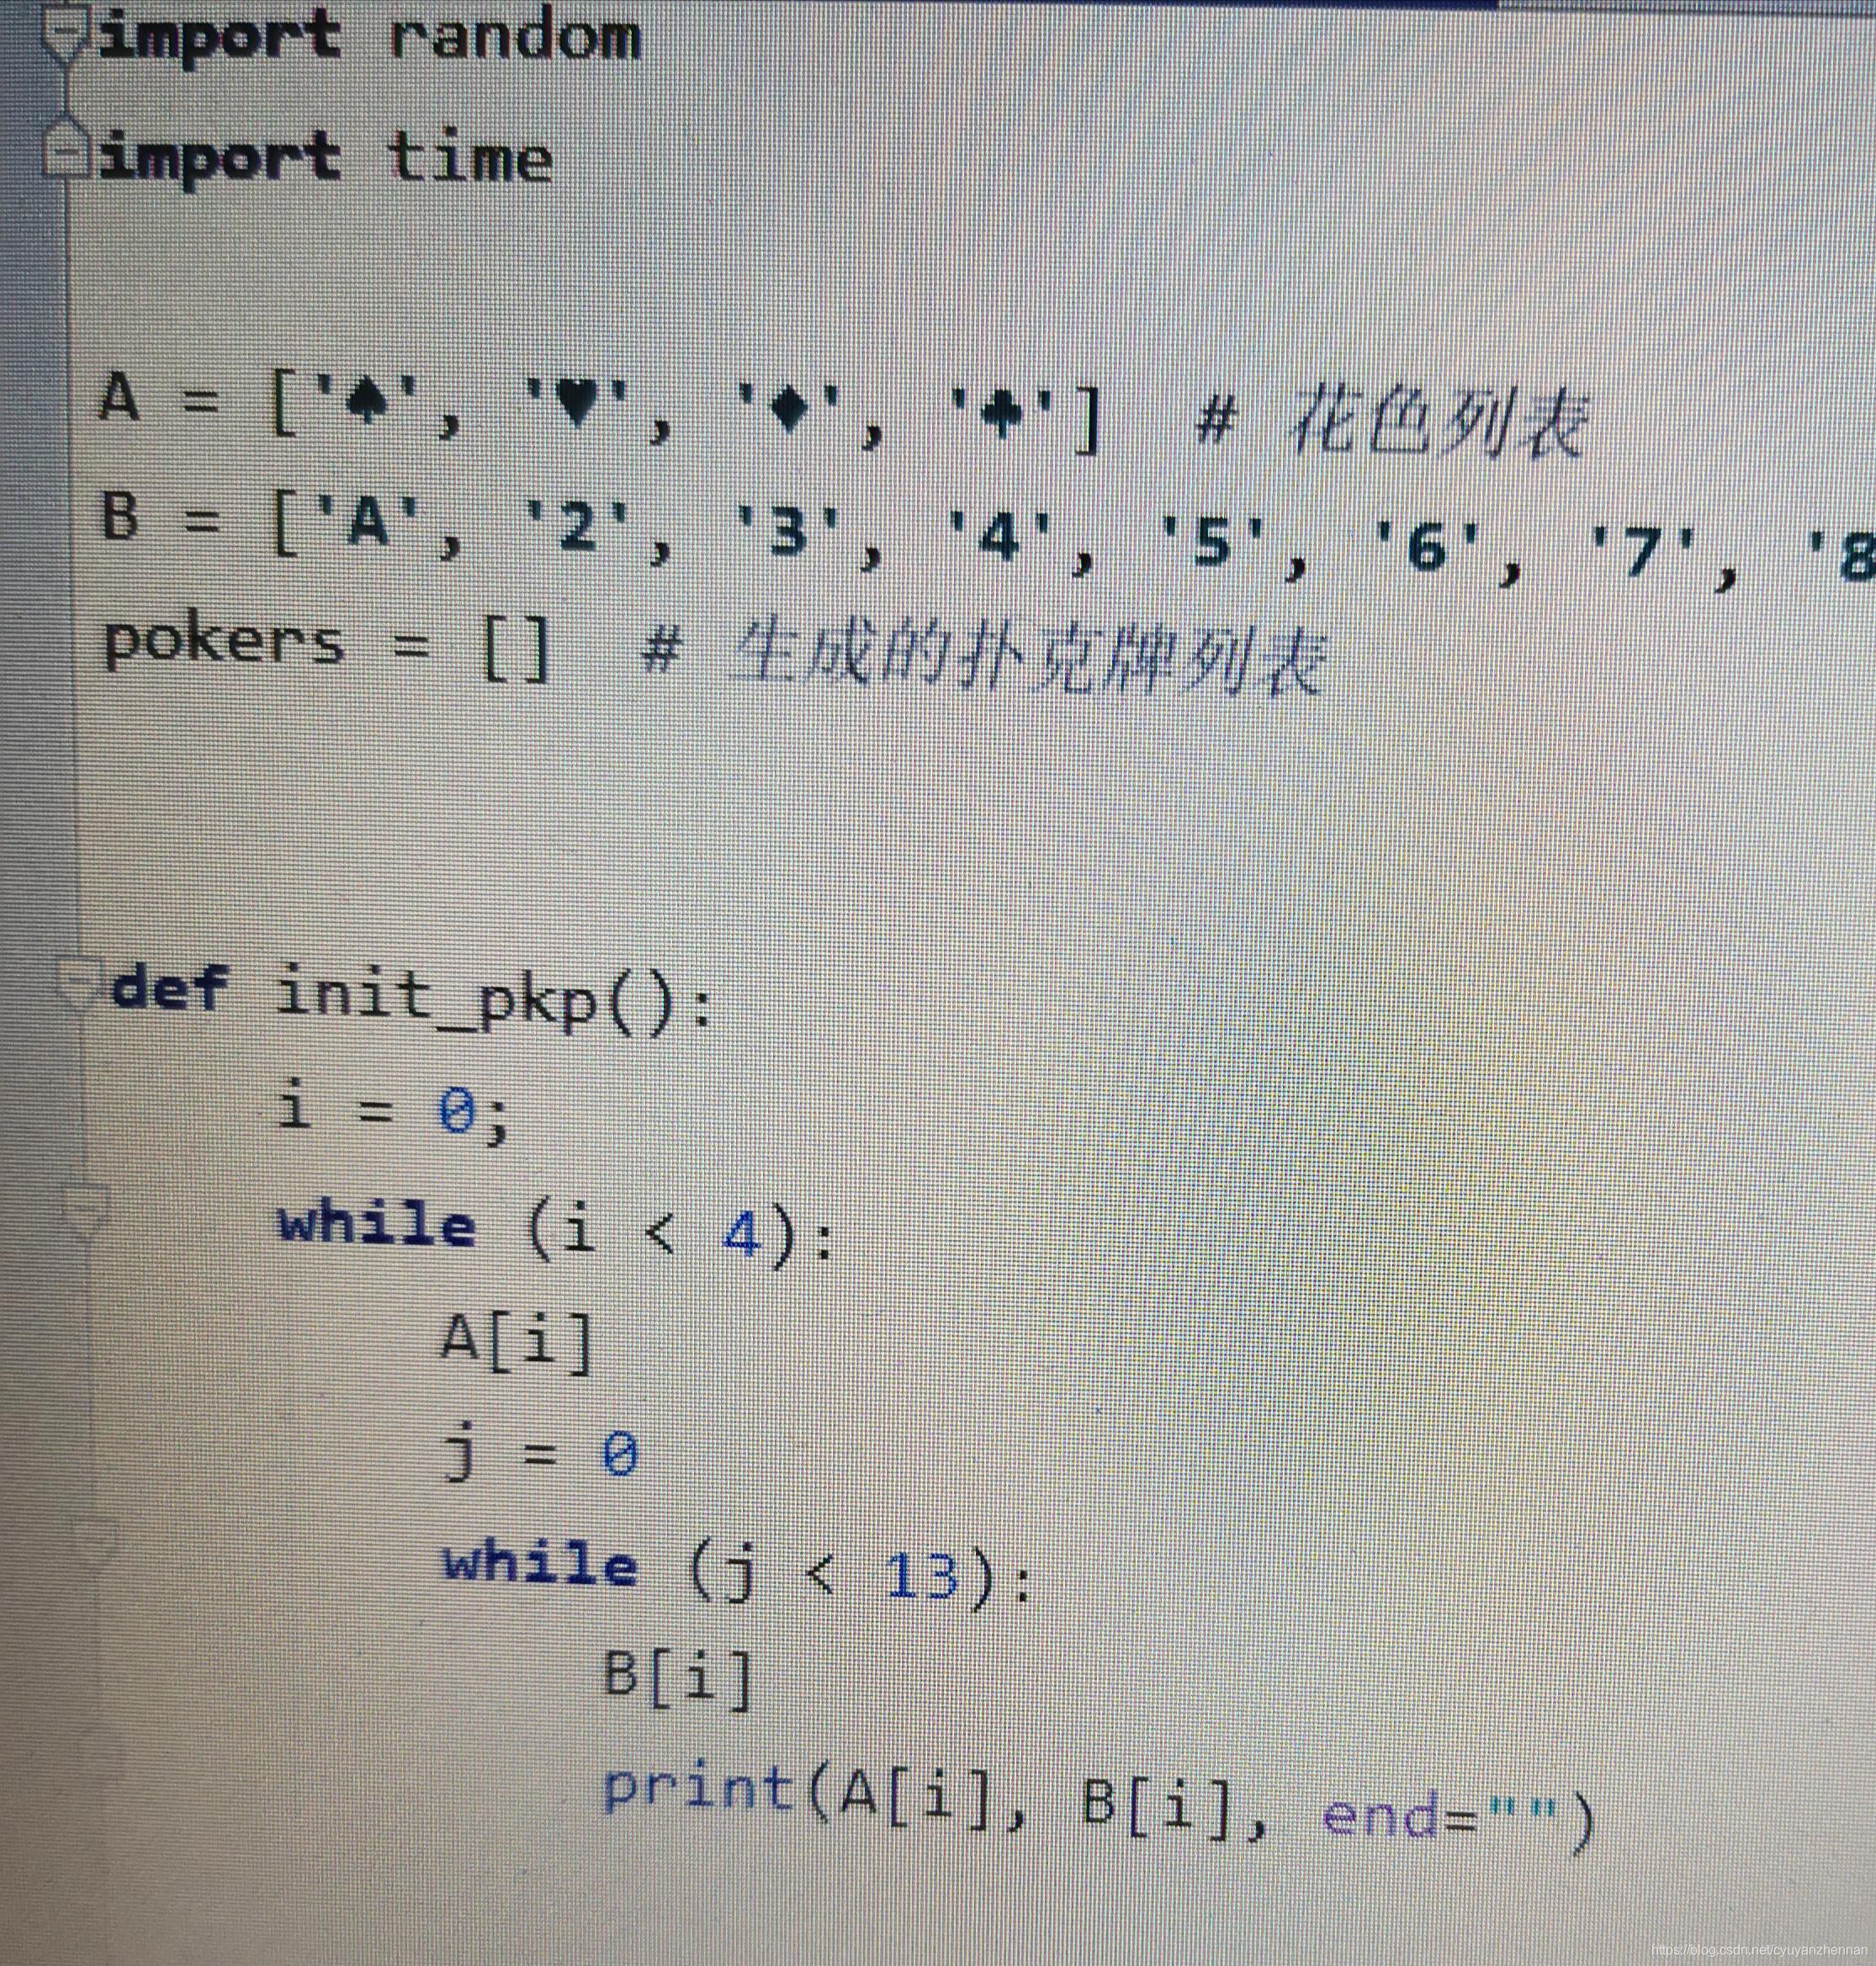 python程序这里怎么写一个洗牌程序,怎么把大小王加进去,最后还要给4个进行发牌。麻烦看见的帮一下,谢谢!